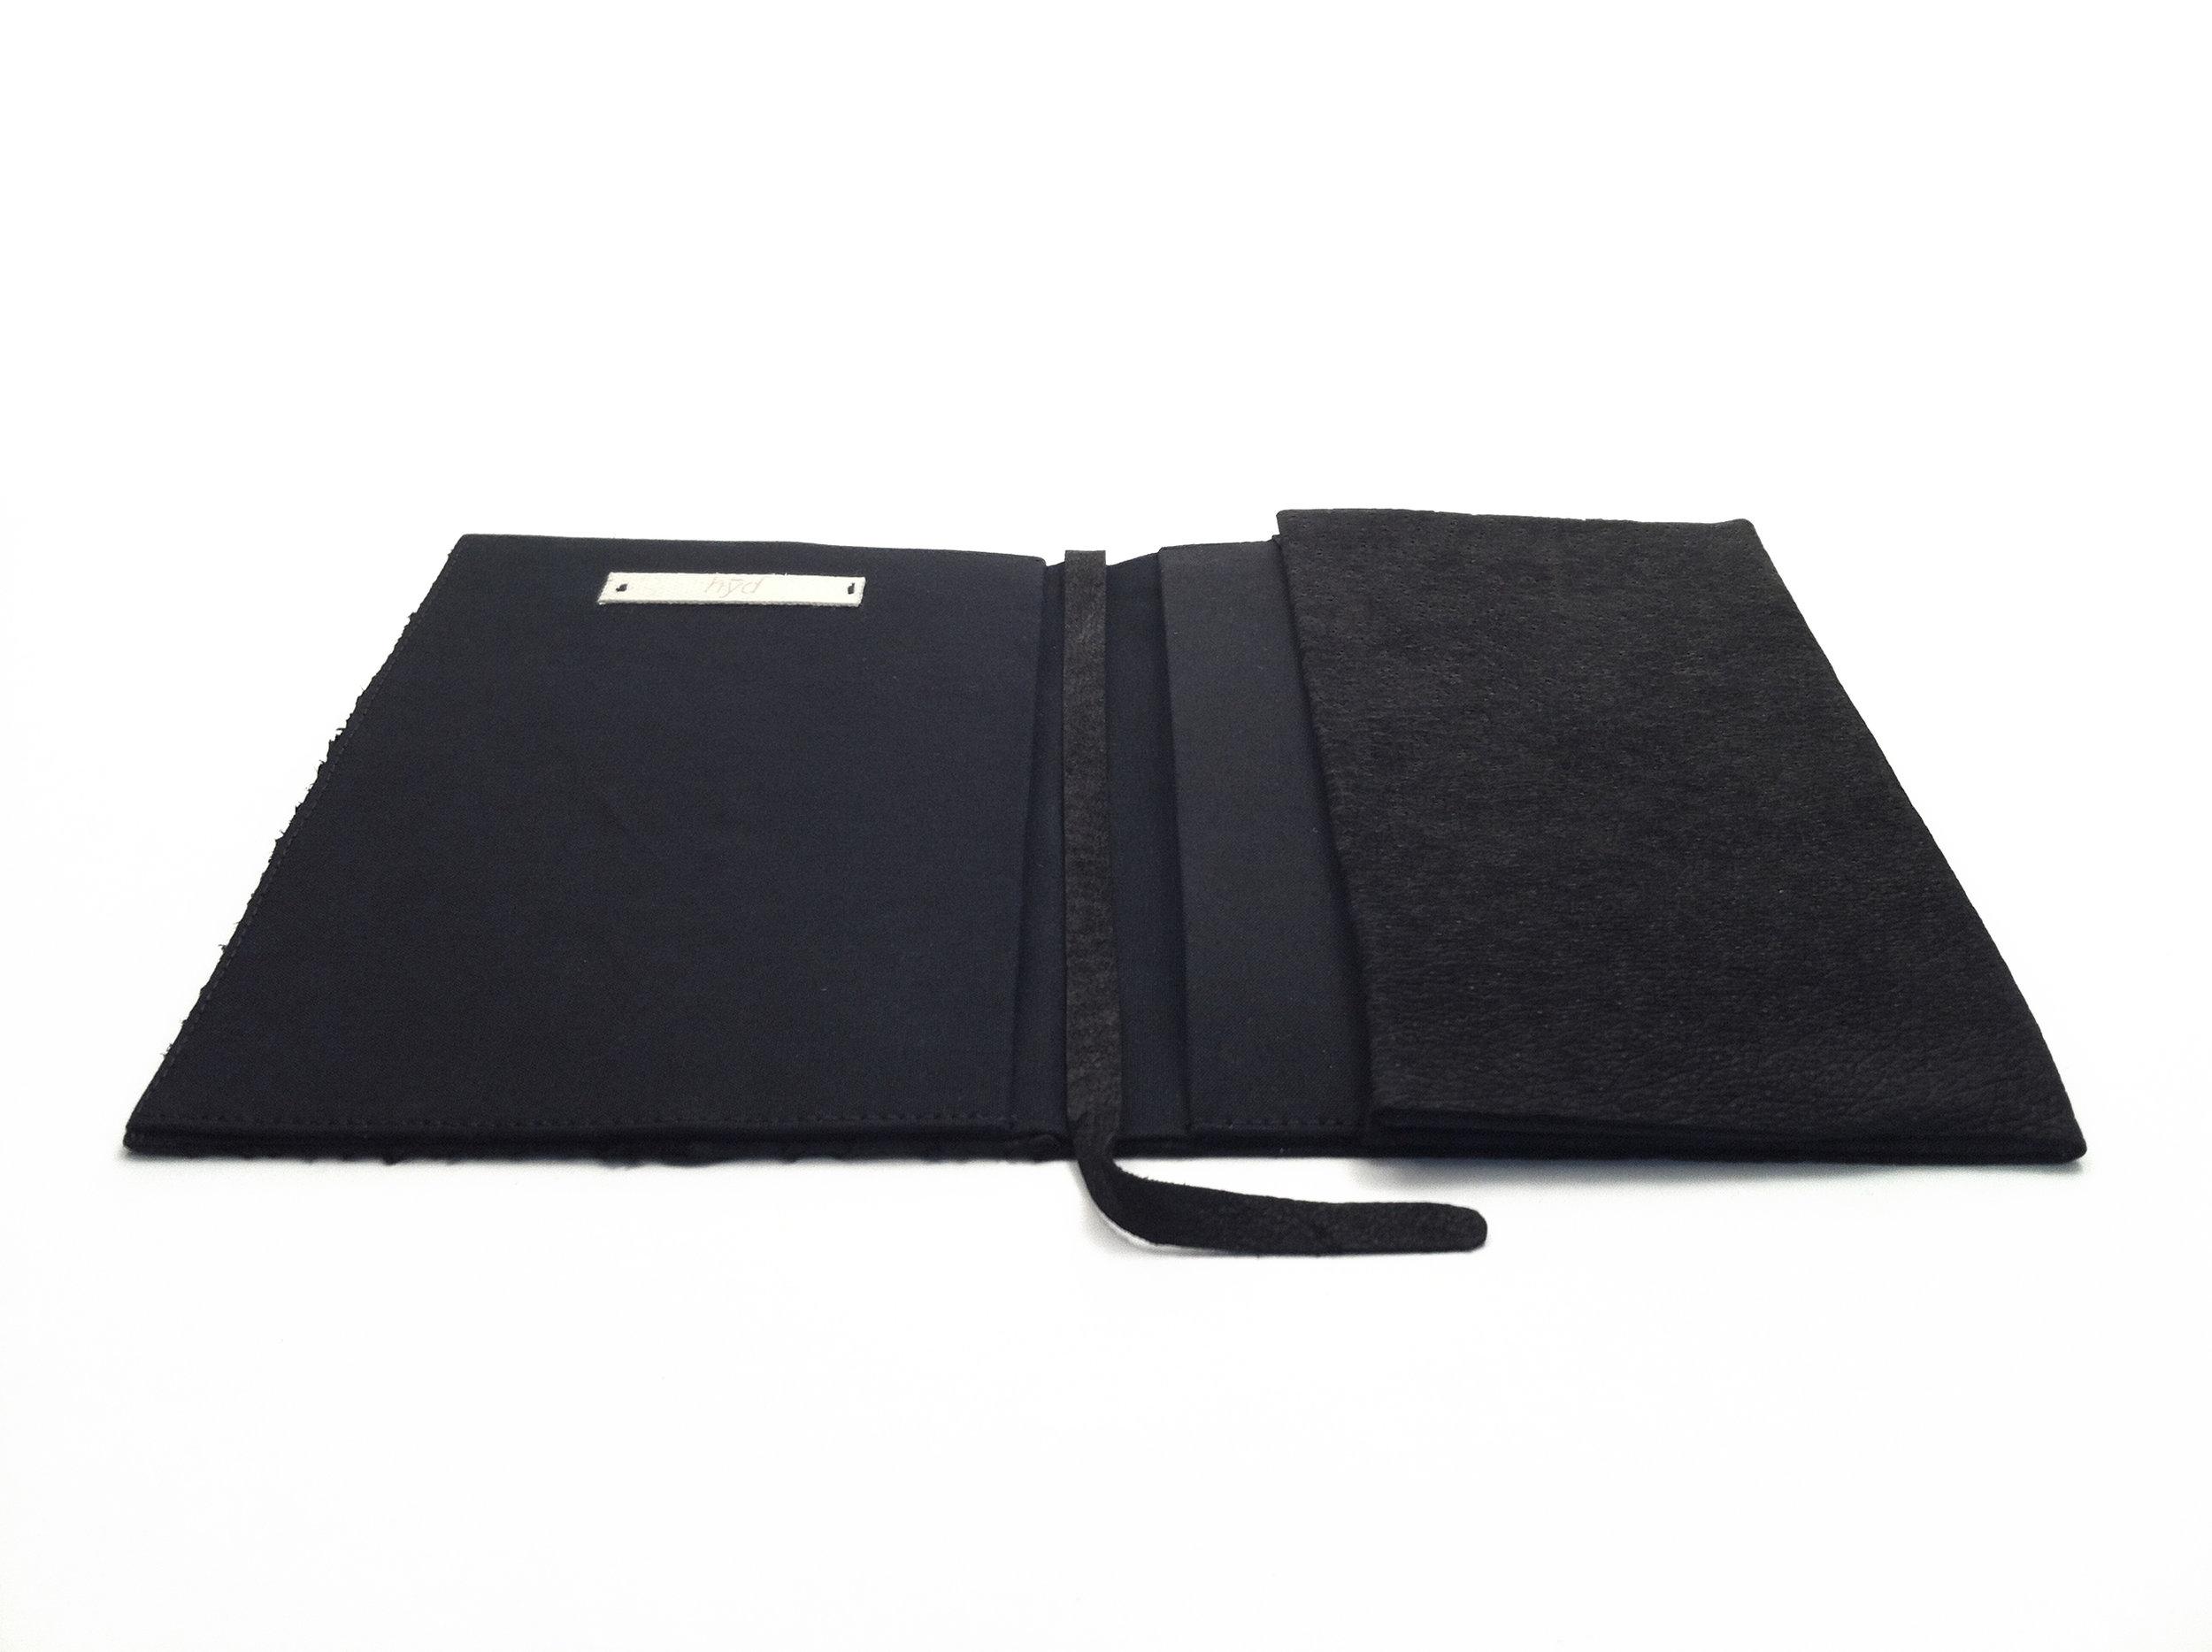 HYD - Notebook Inside